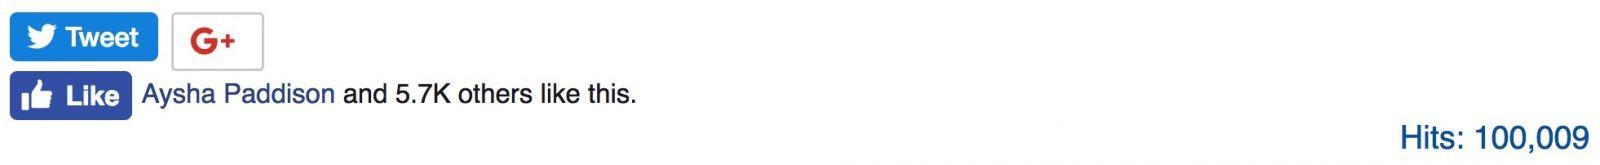 """Дэвид Уилкок. Космическое Раскрытие: """"Потрясающие новые брифинги: Массовые обвинения, целевые аресты и Раскрытие"""" 387_1"""